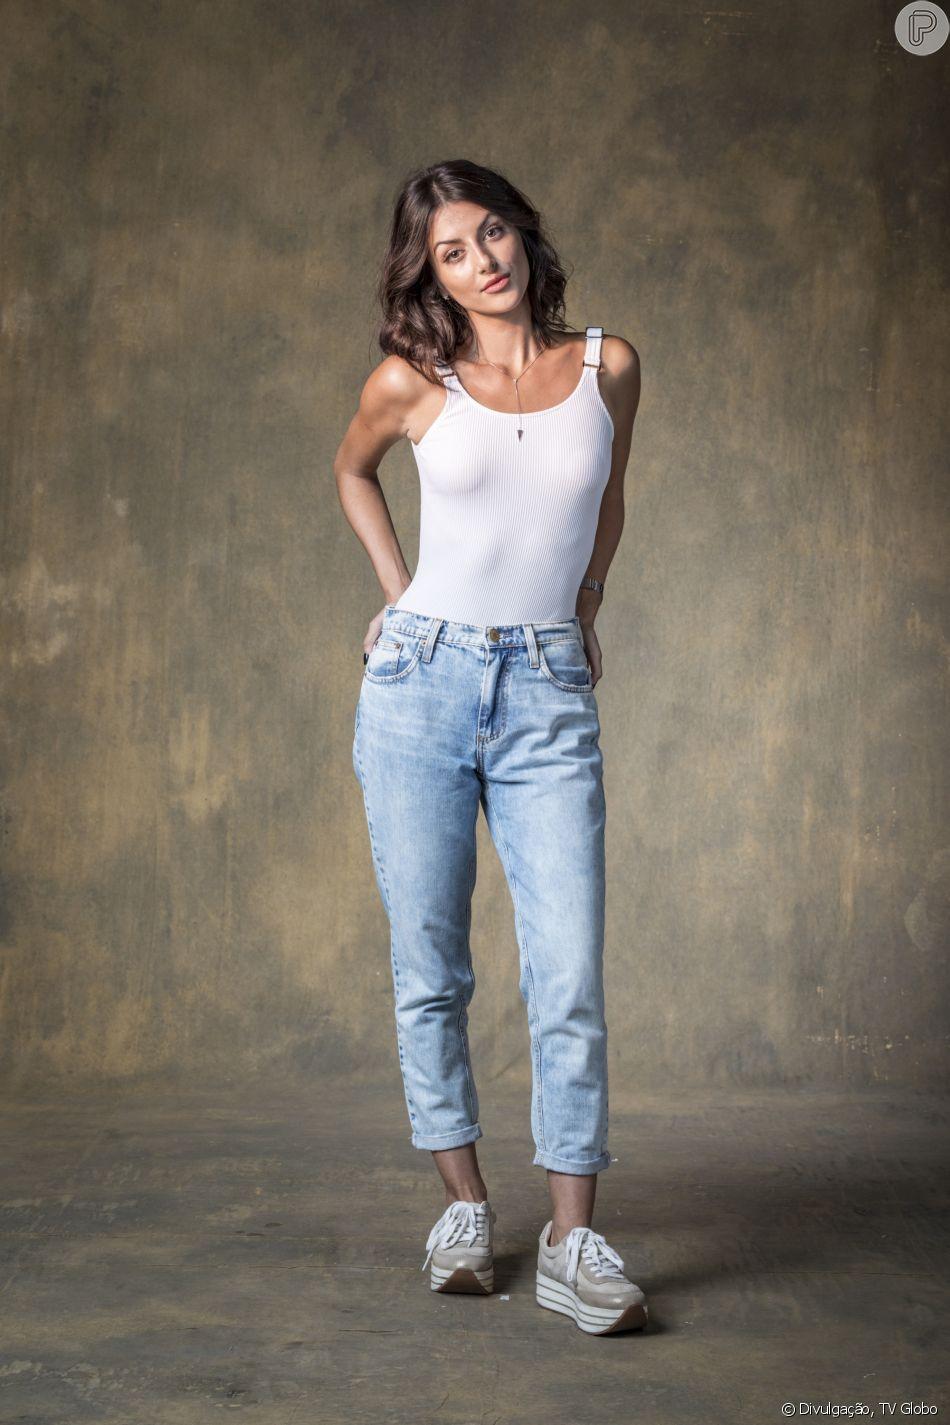 Camila Julia Sofia